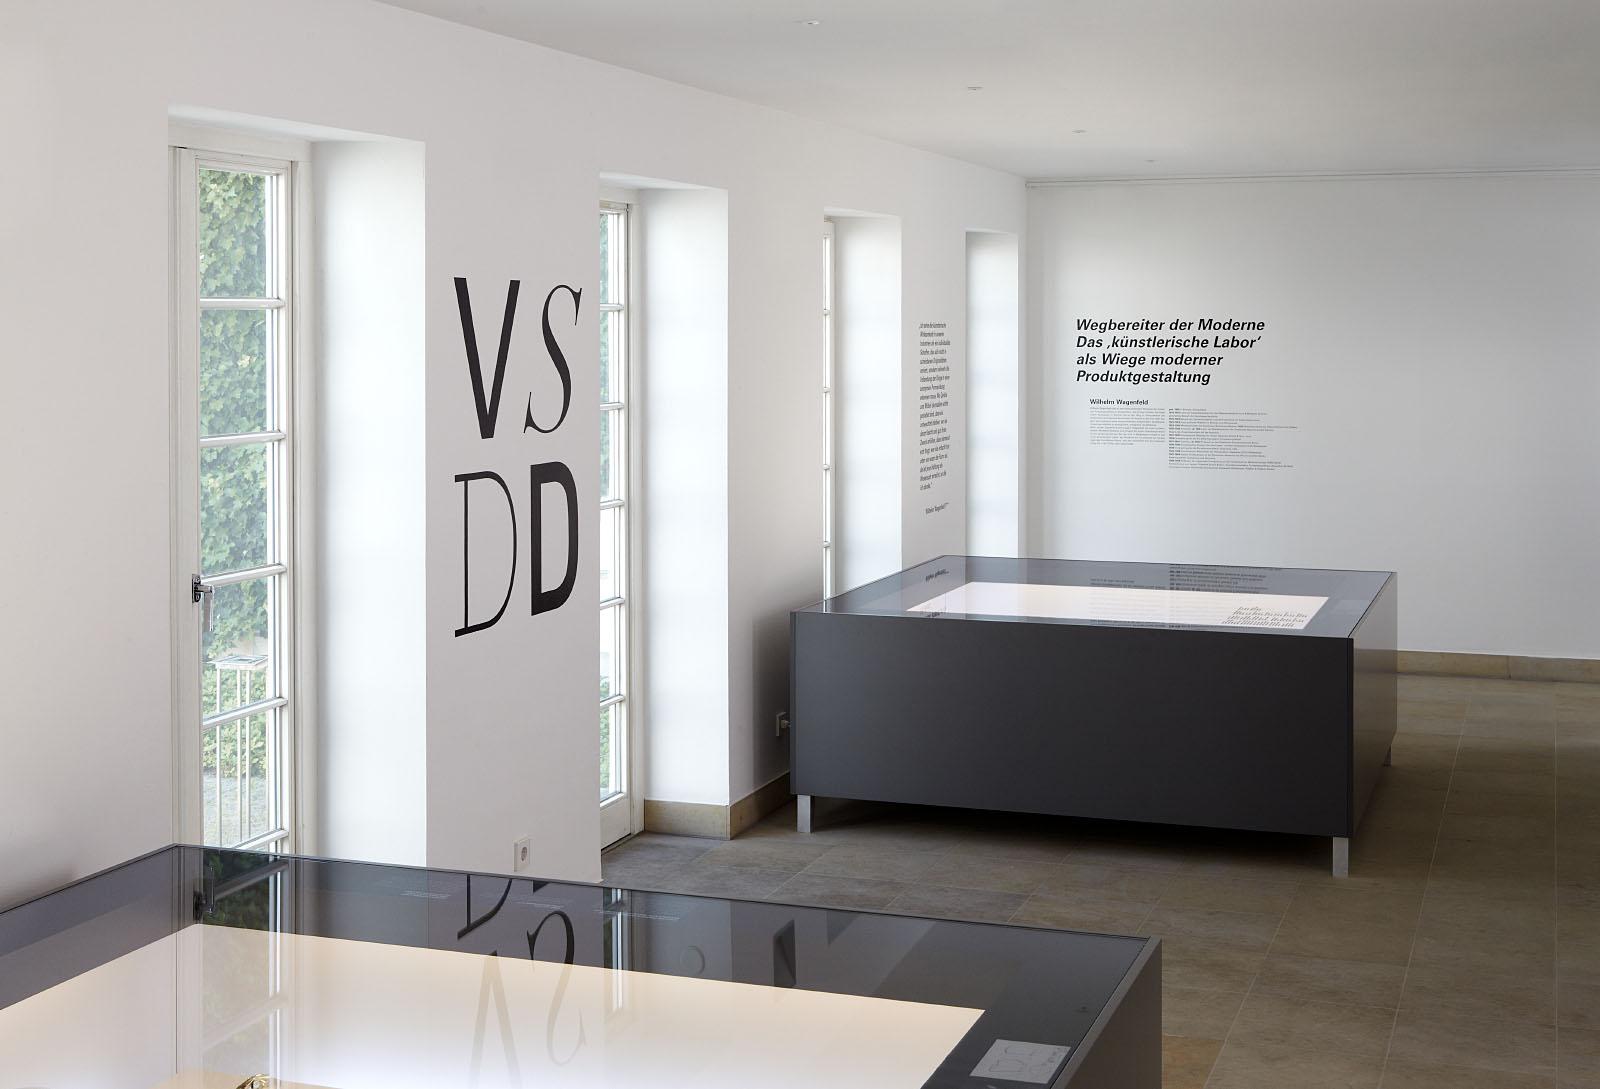 VSDD Wilhelm Wagenfeld Stiftung Bremen – JENS GERBER